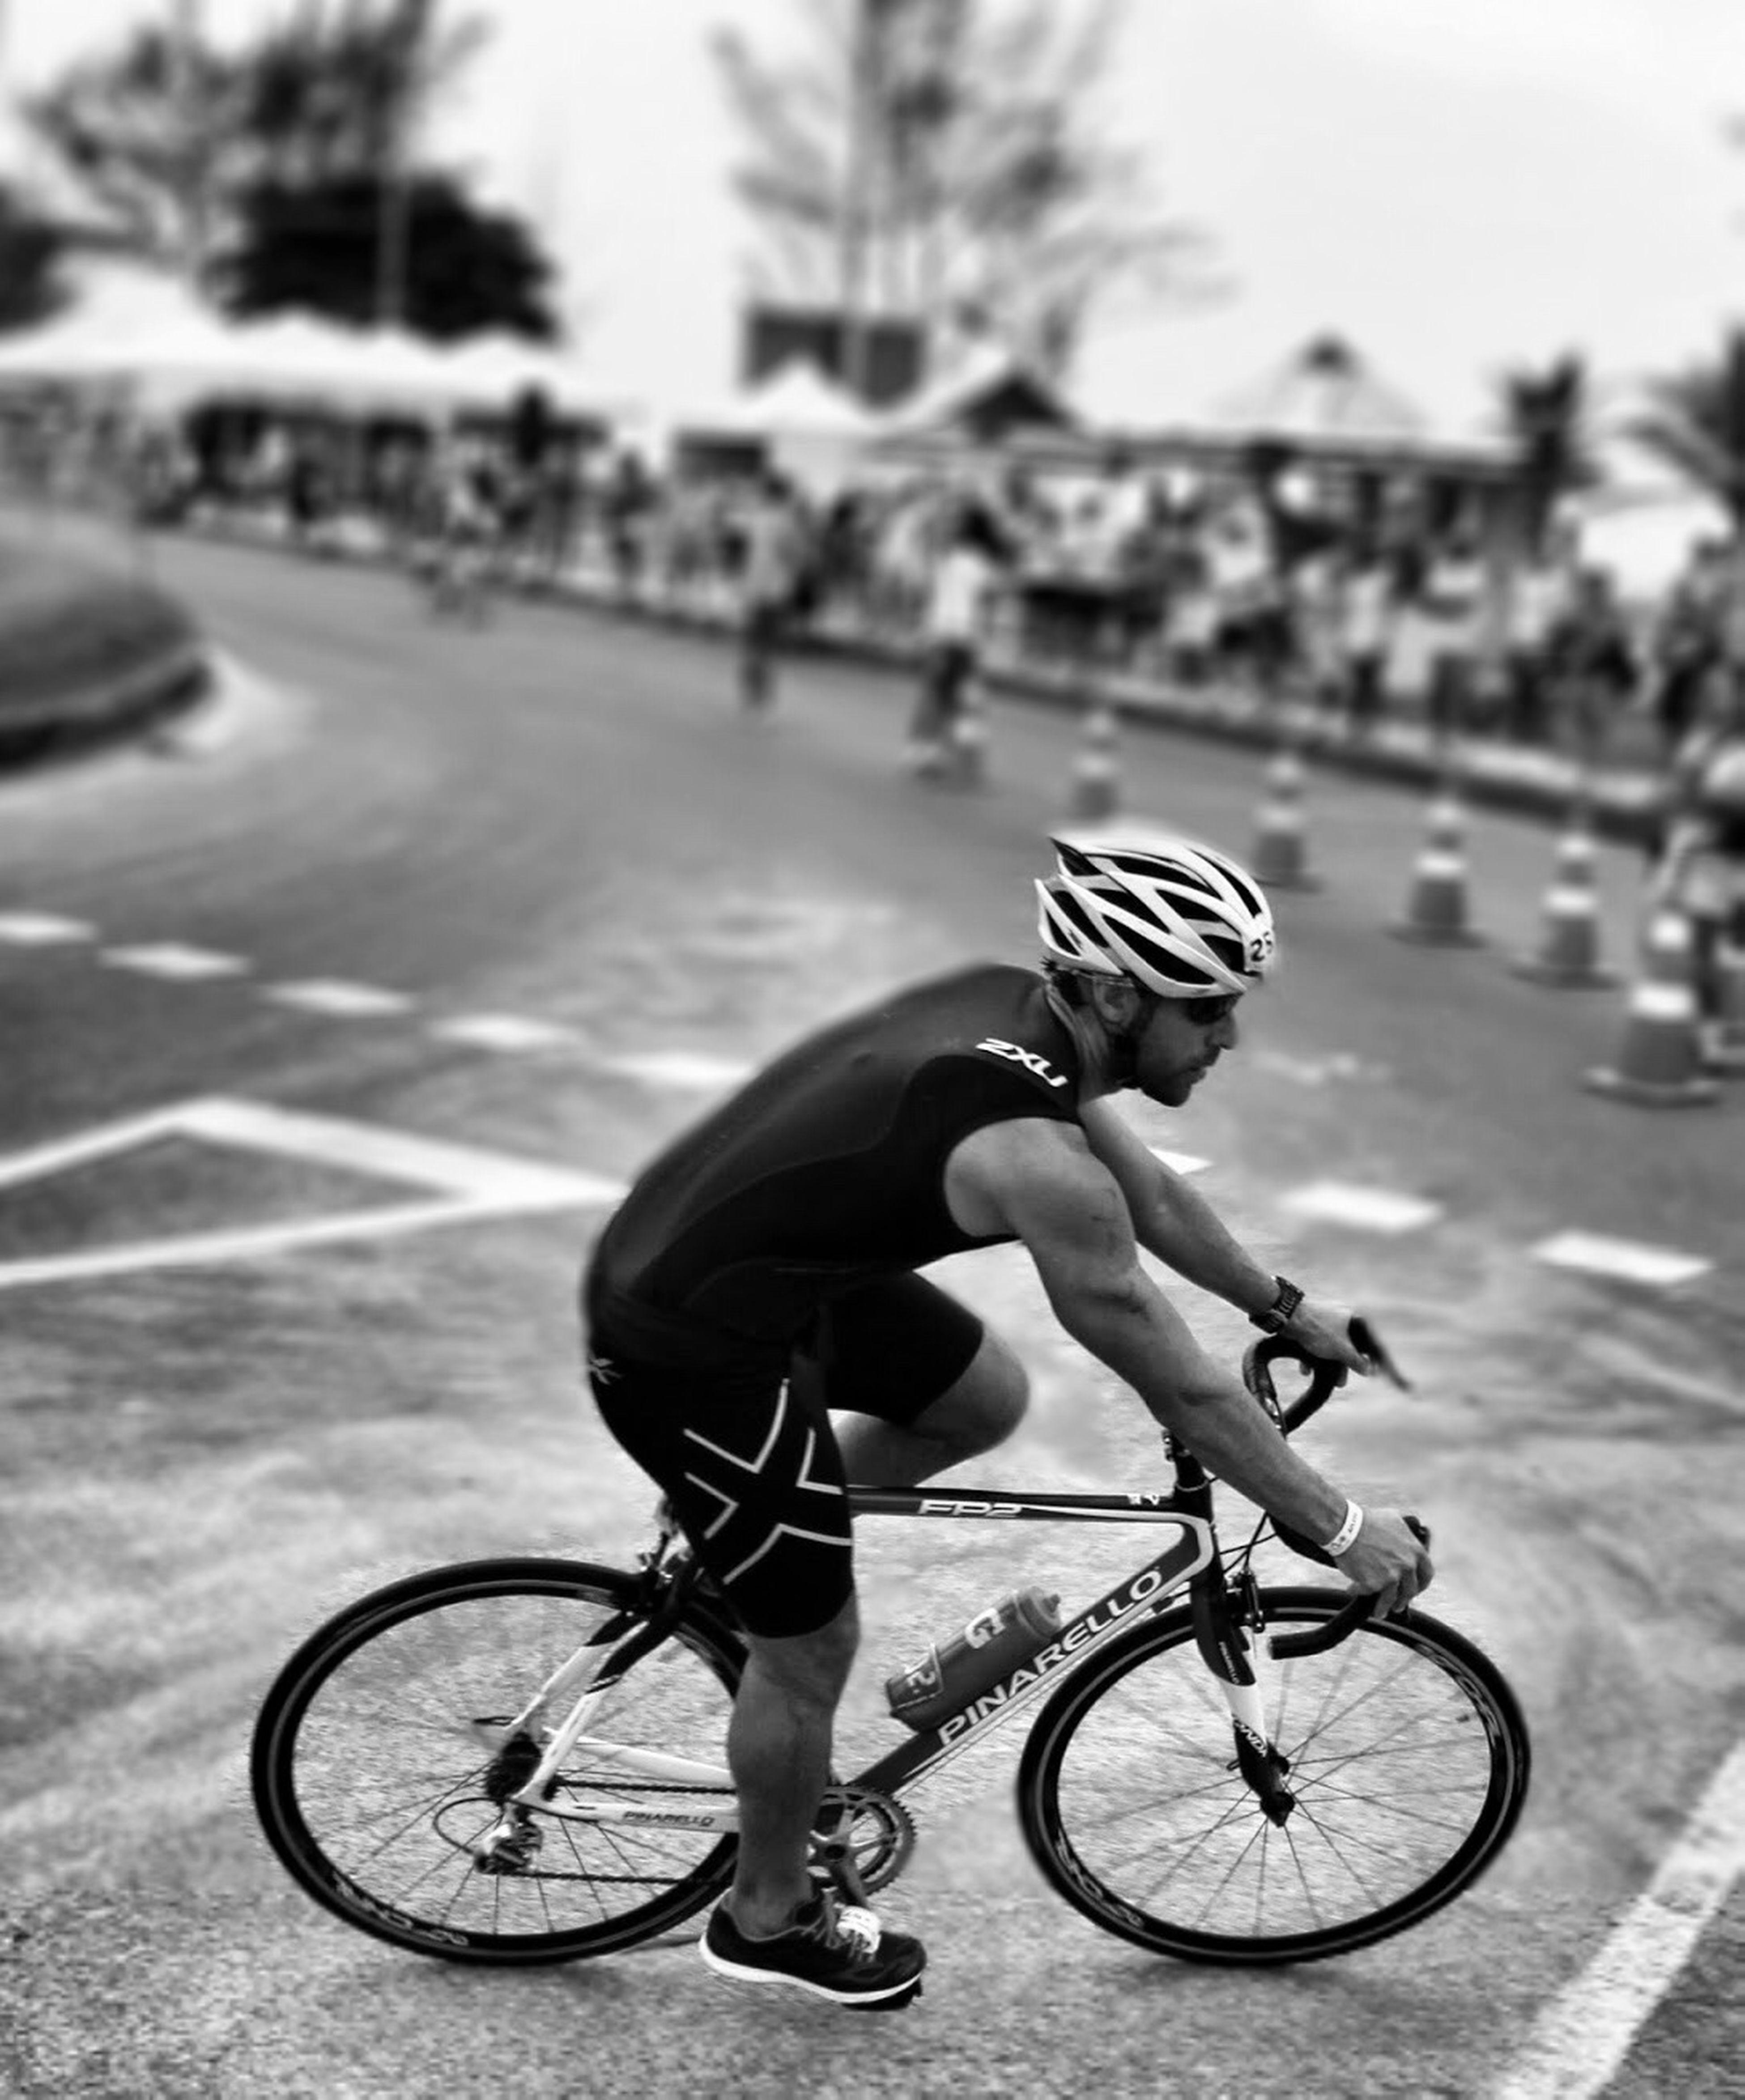 Bike Pedal Esporte Sport Sports Photography Riodejaneiro Rio Atletasdamadrugada Blackandwhite Pretoebranco